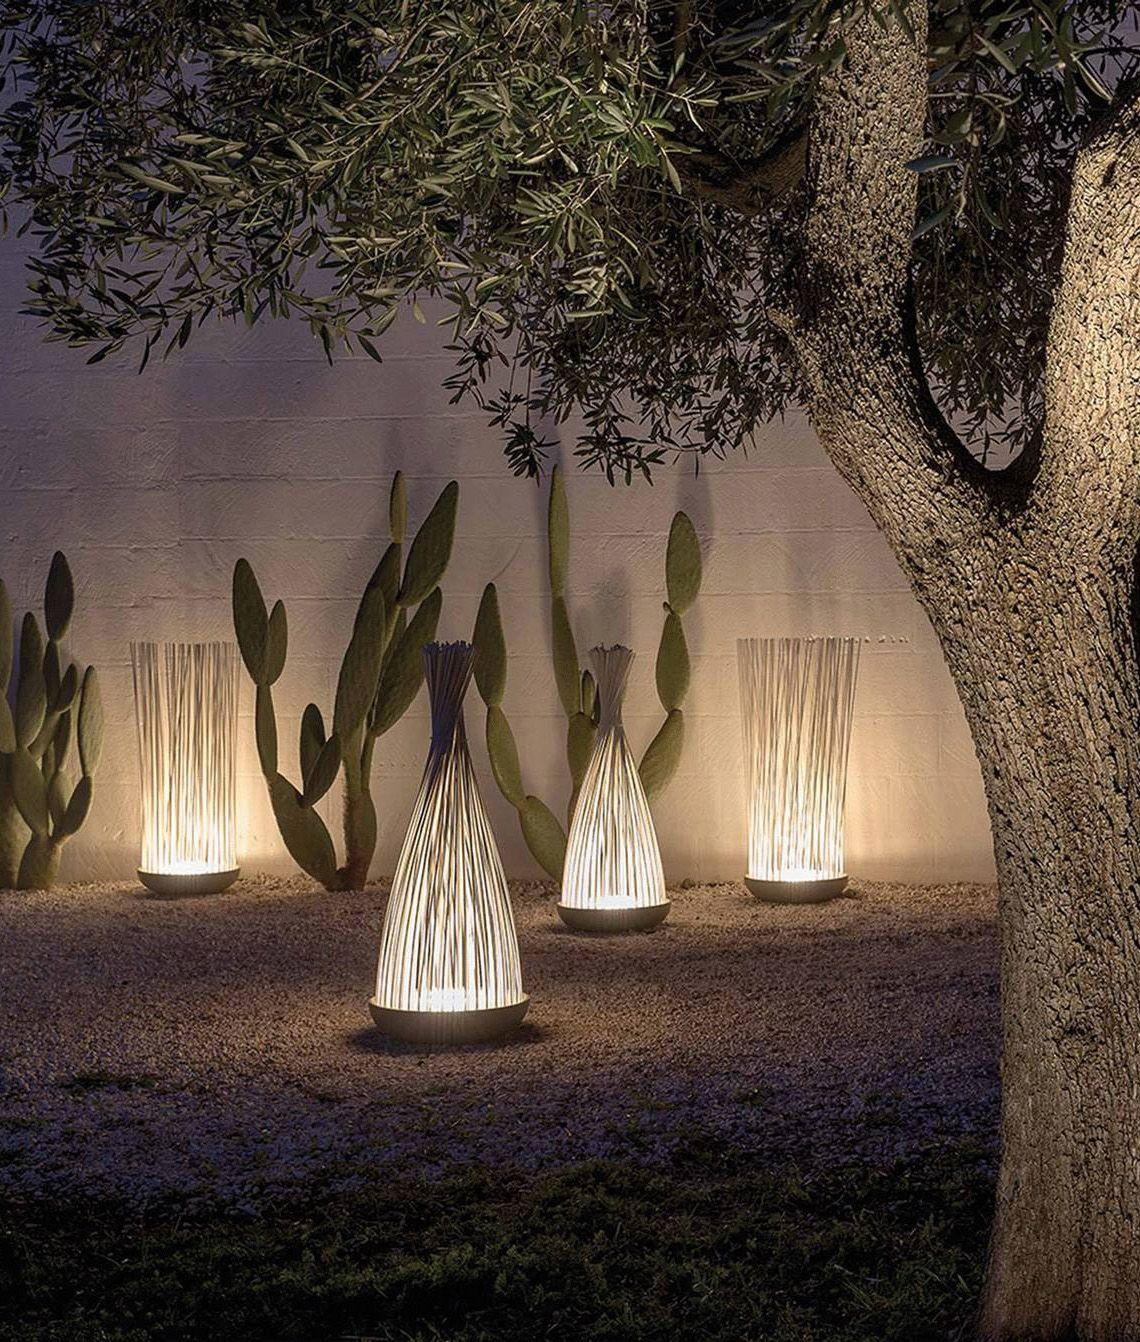 Malleable Led White Exterior Floor Light Garden Exterior Lighting Diy Outdoor Lighting Landscape Lighting